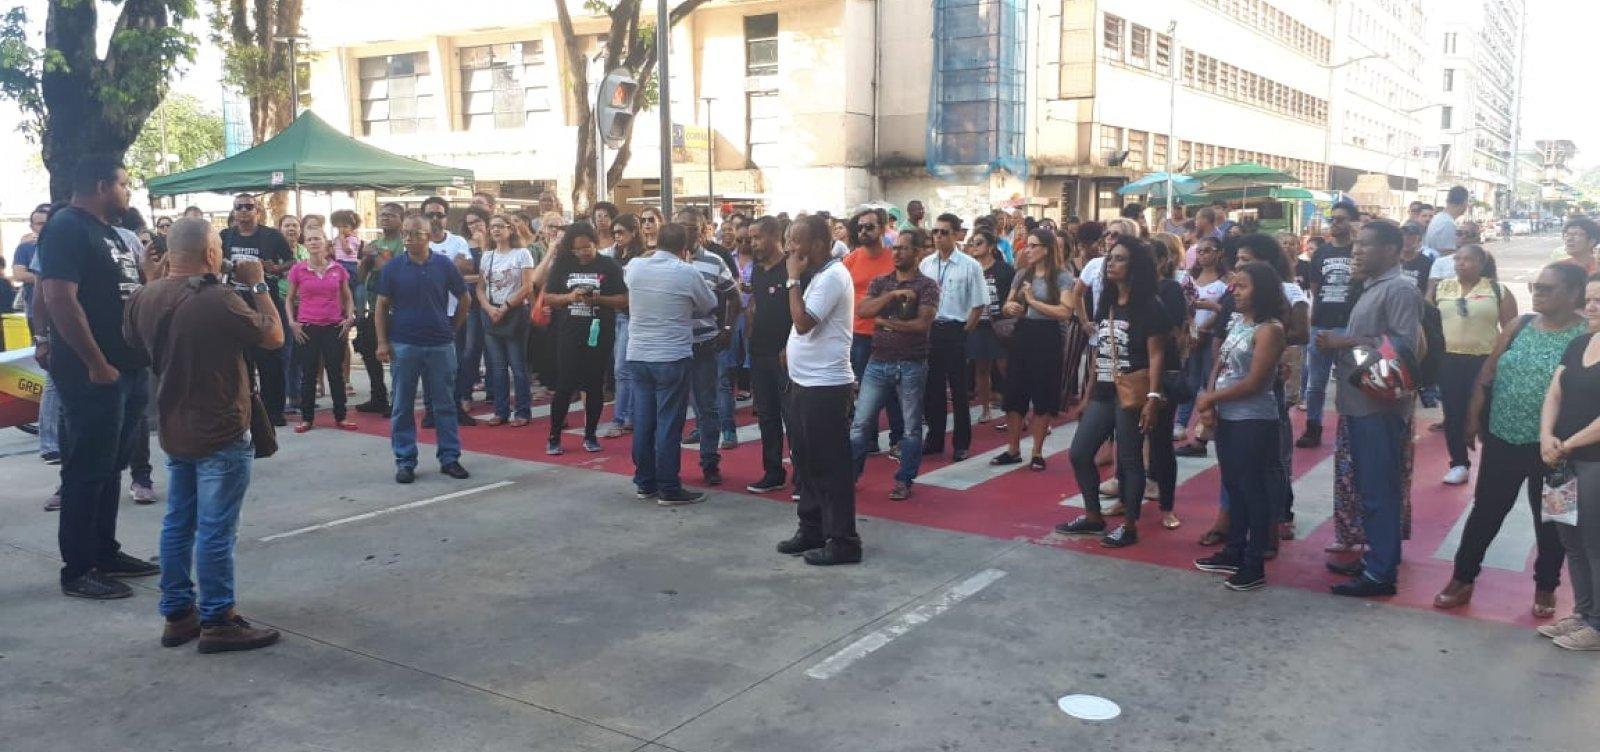 [Servidores municipais de Salvador fazem protesto na Praça Inglaterra]